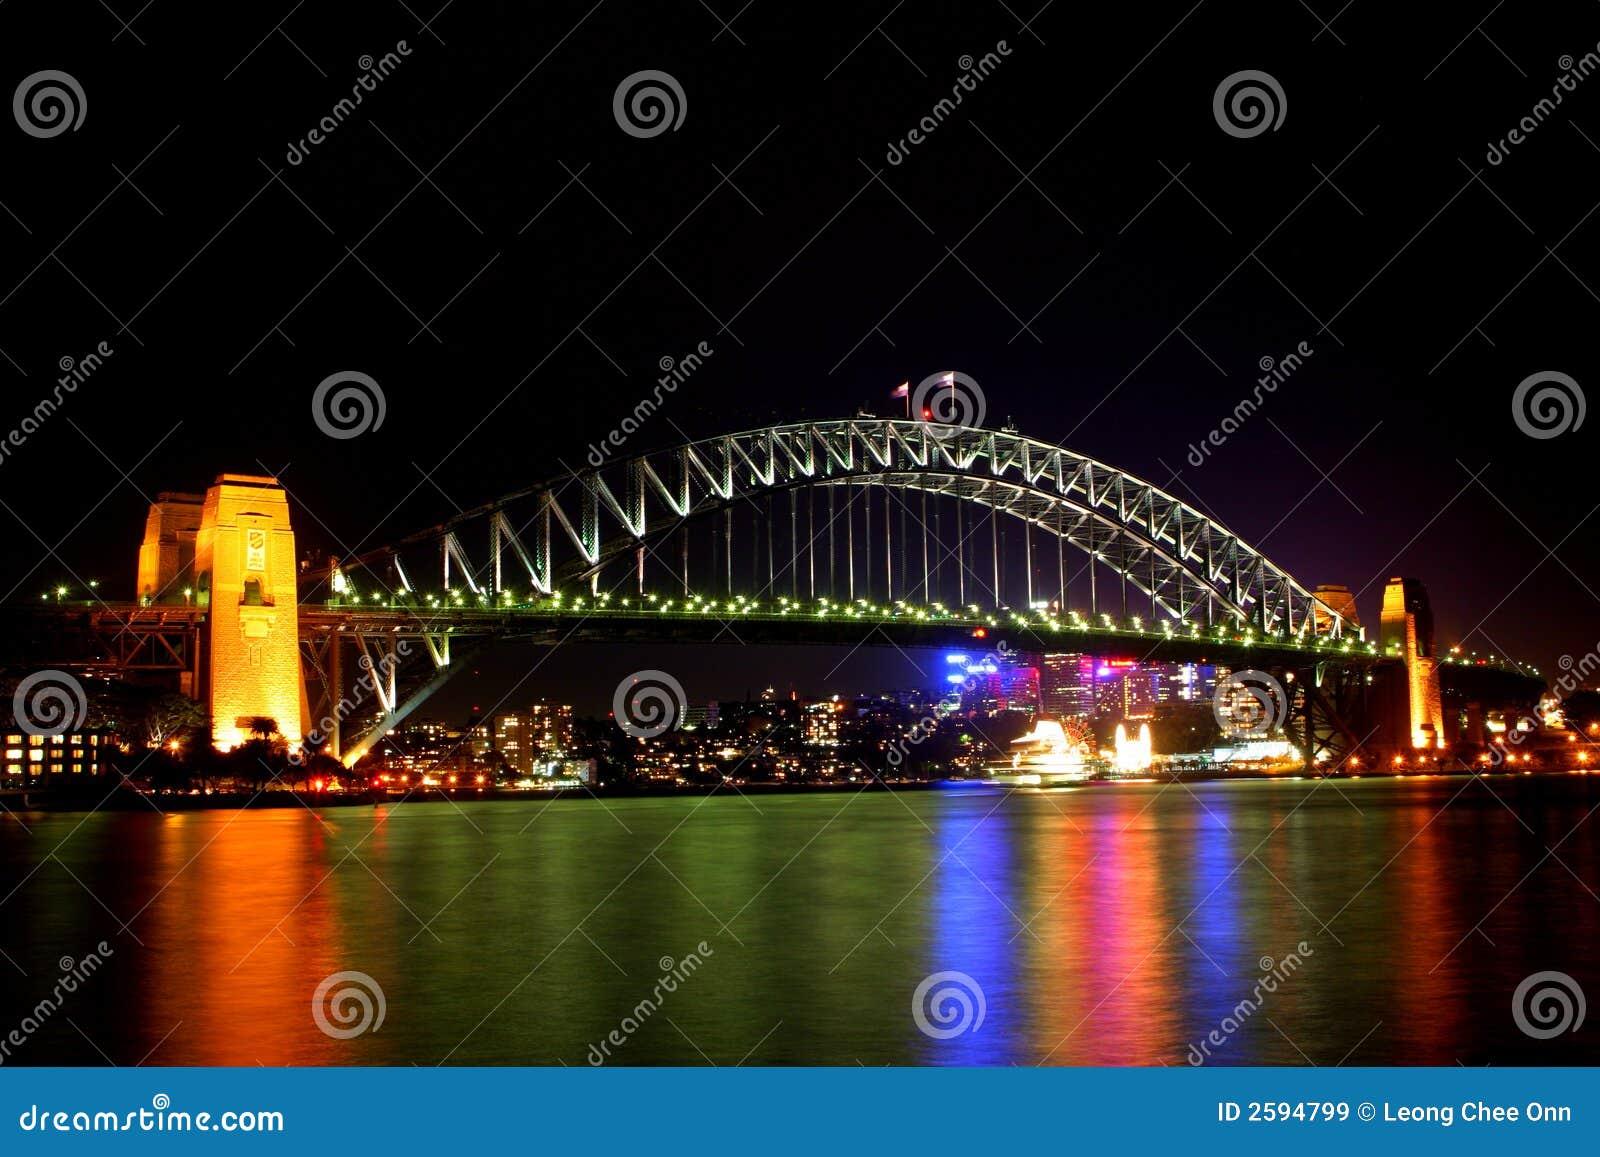 De Brug van de Haven van Sydney bij nacht